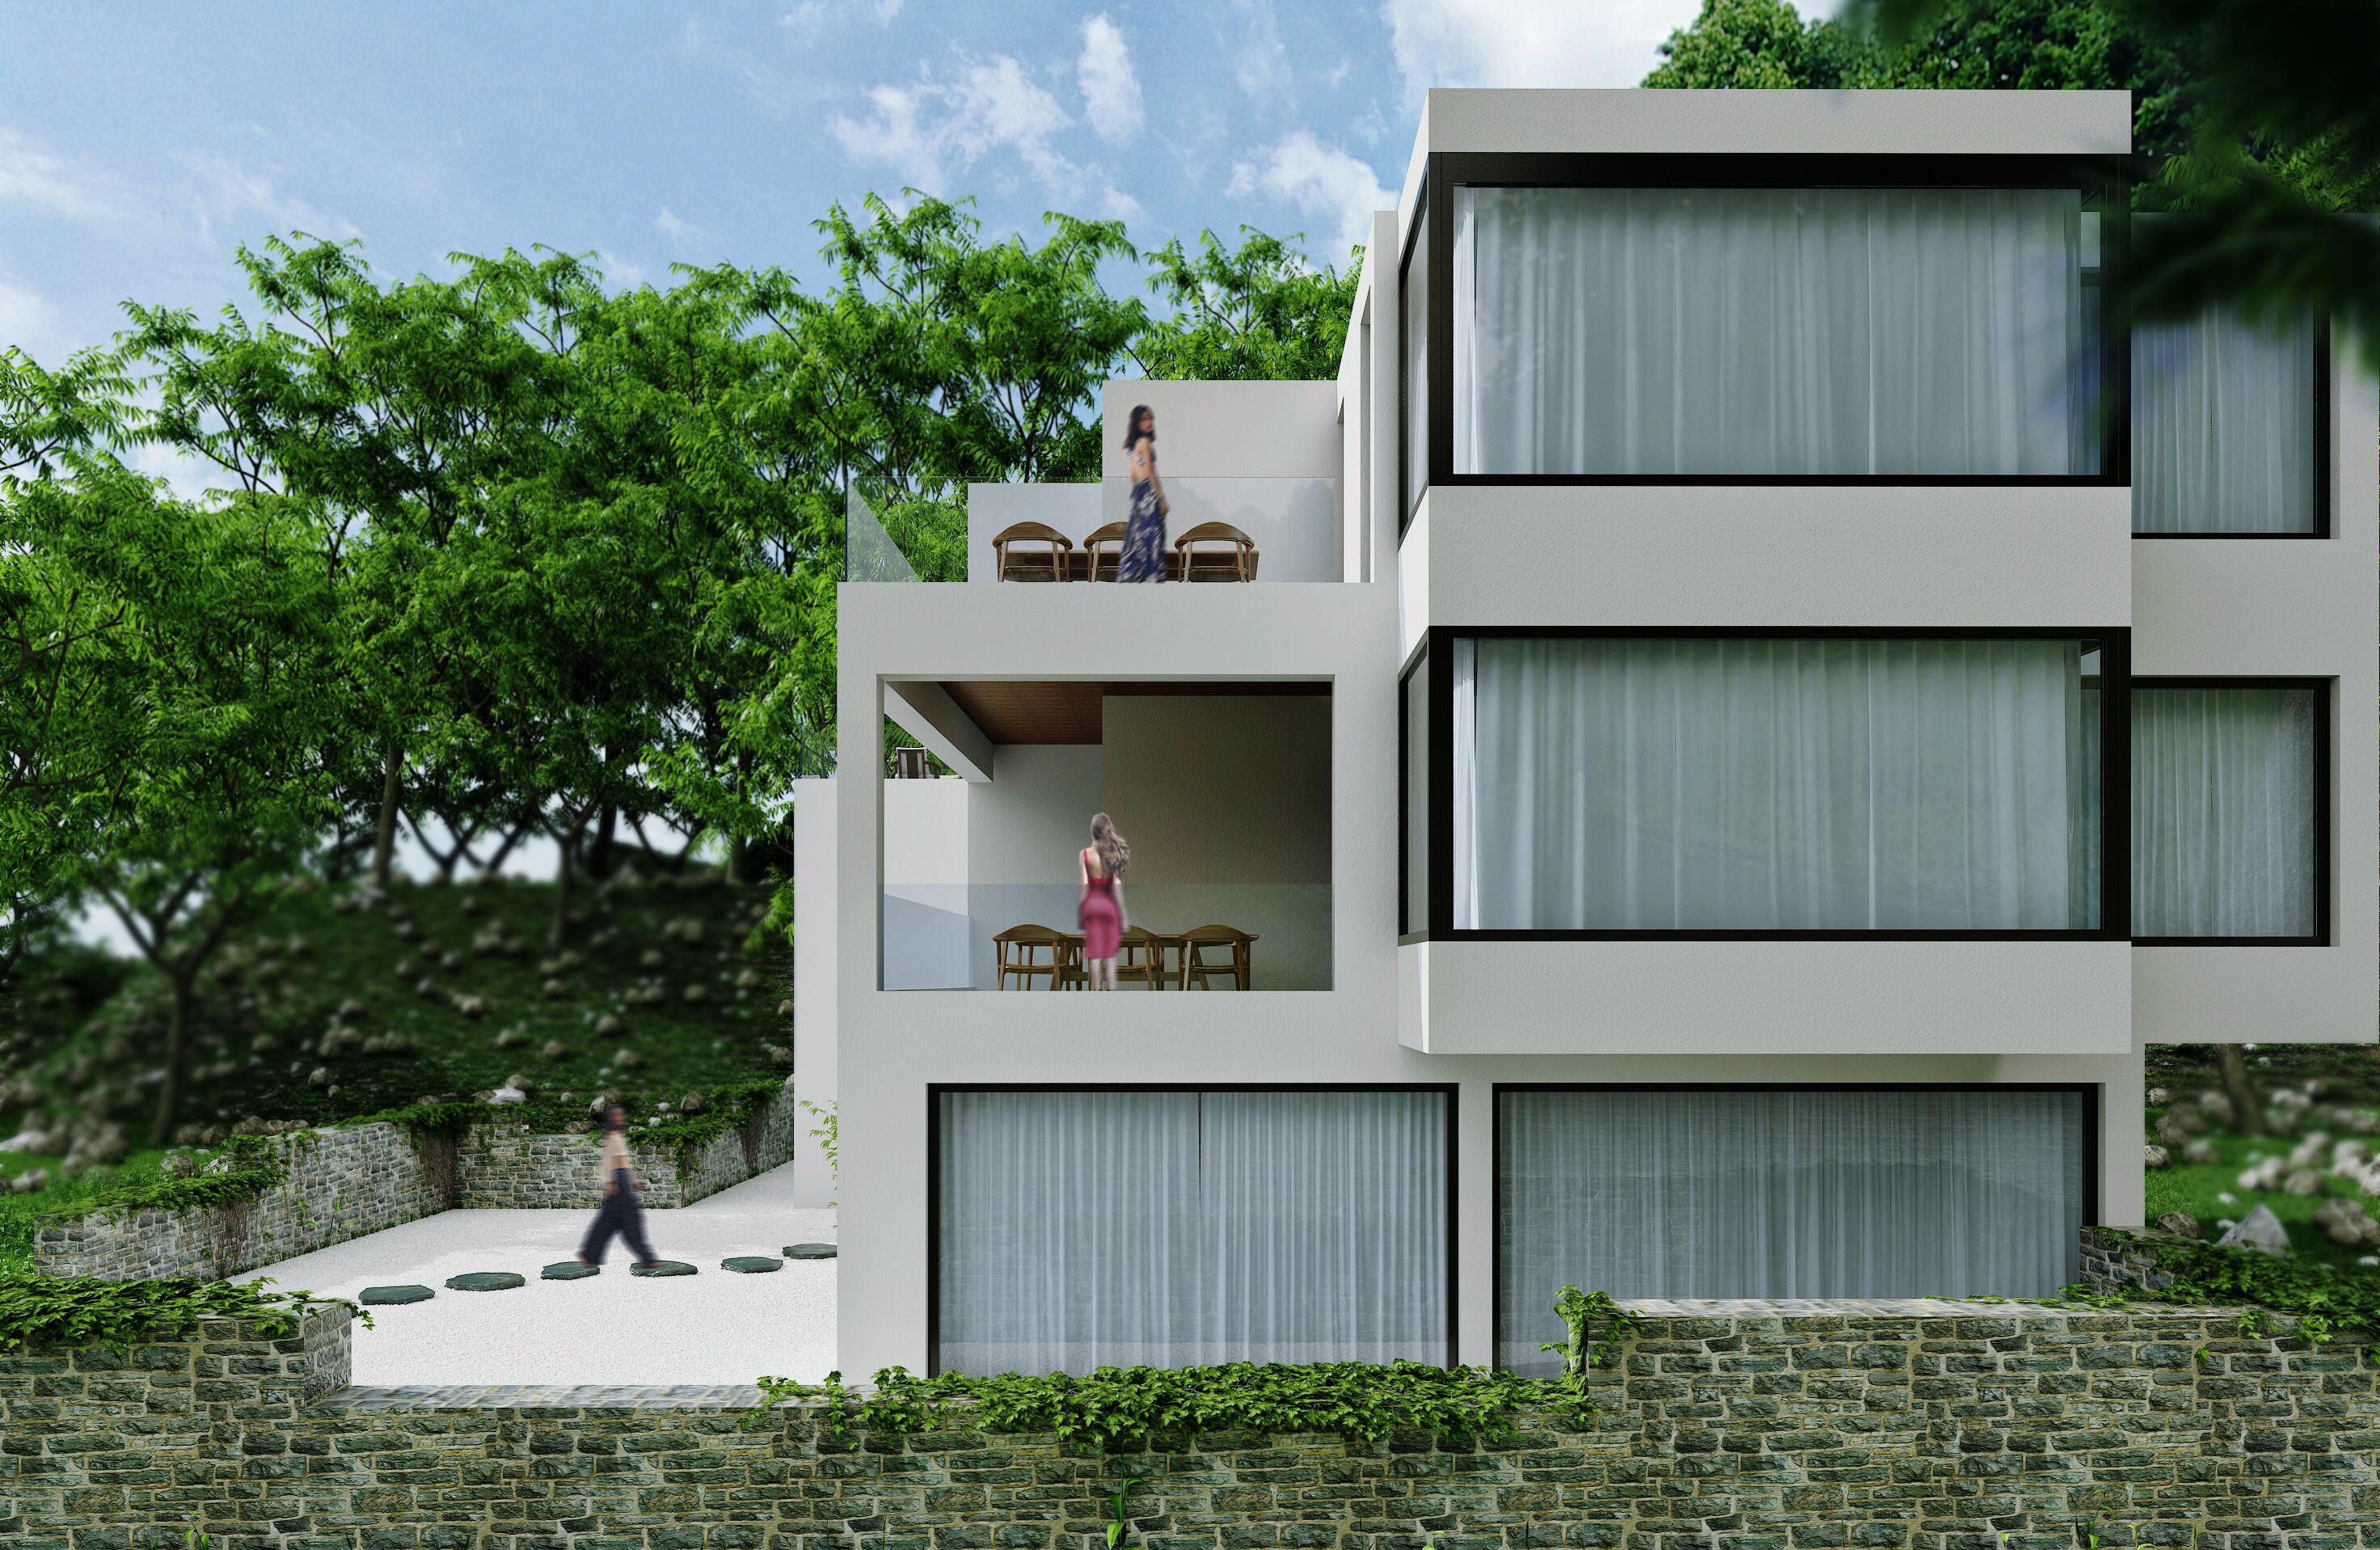 豪华民宿装修建筑侧面外观图片